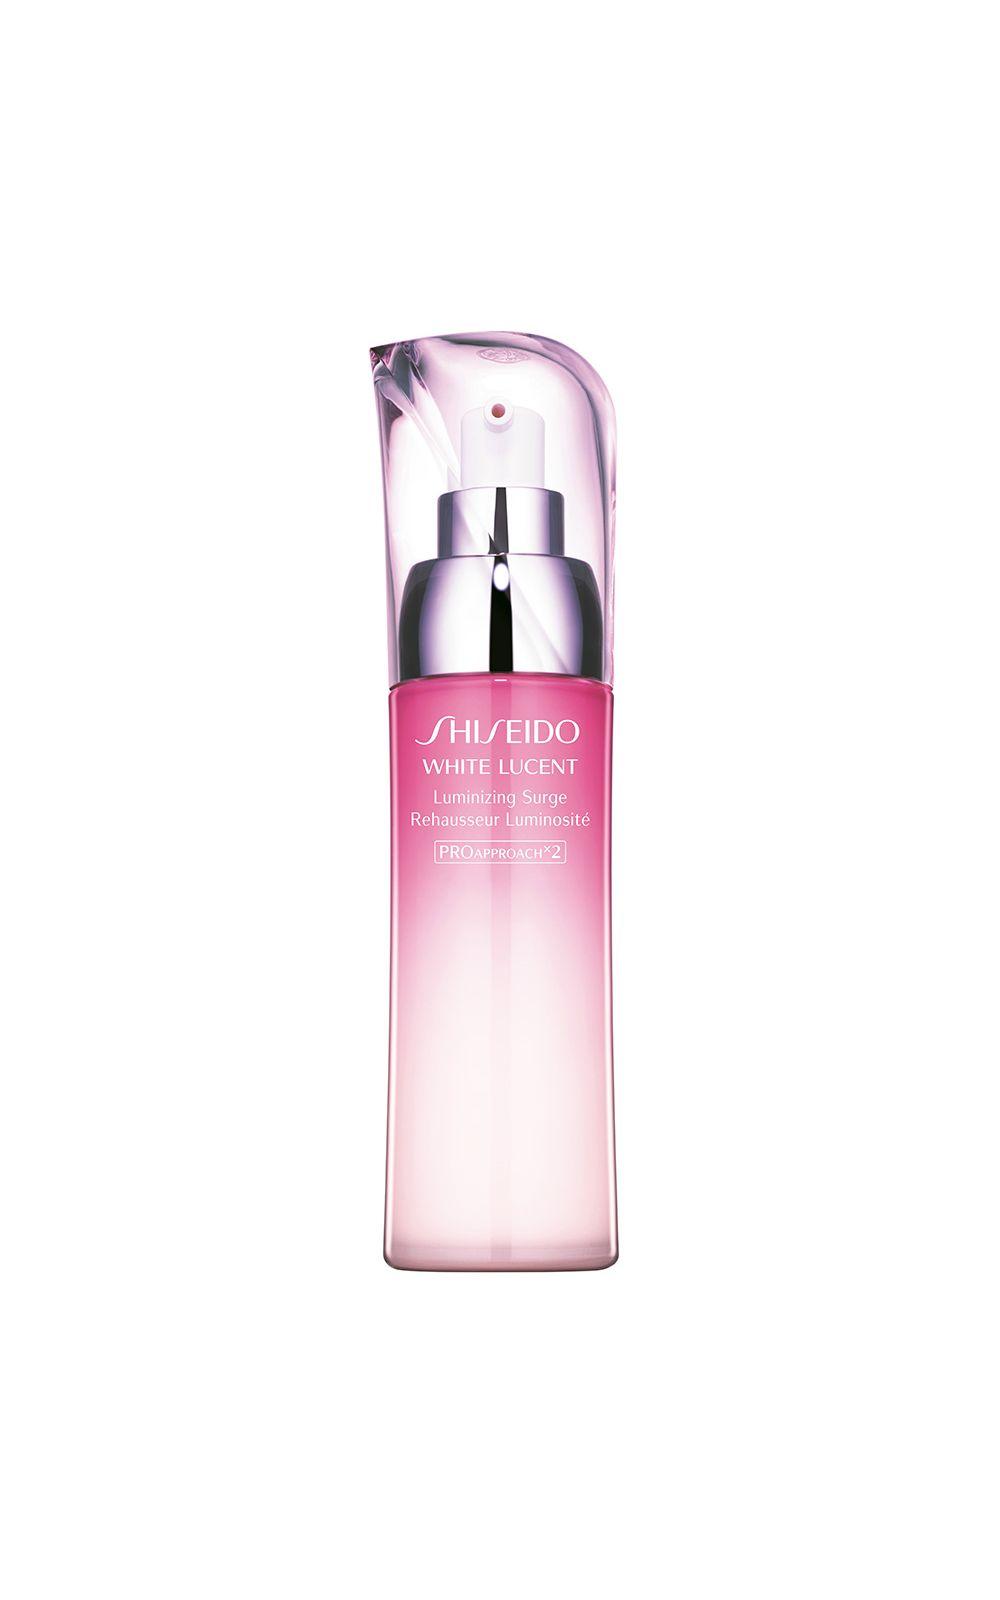 Foto 1 - Emulsão Suavizante Iluminadora Facial Shiseido - White Lucent Luminizing Surge - 75ml